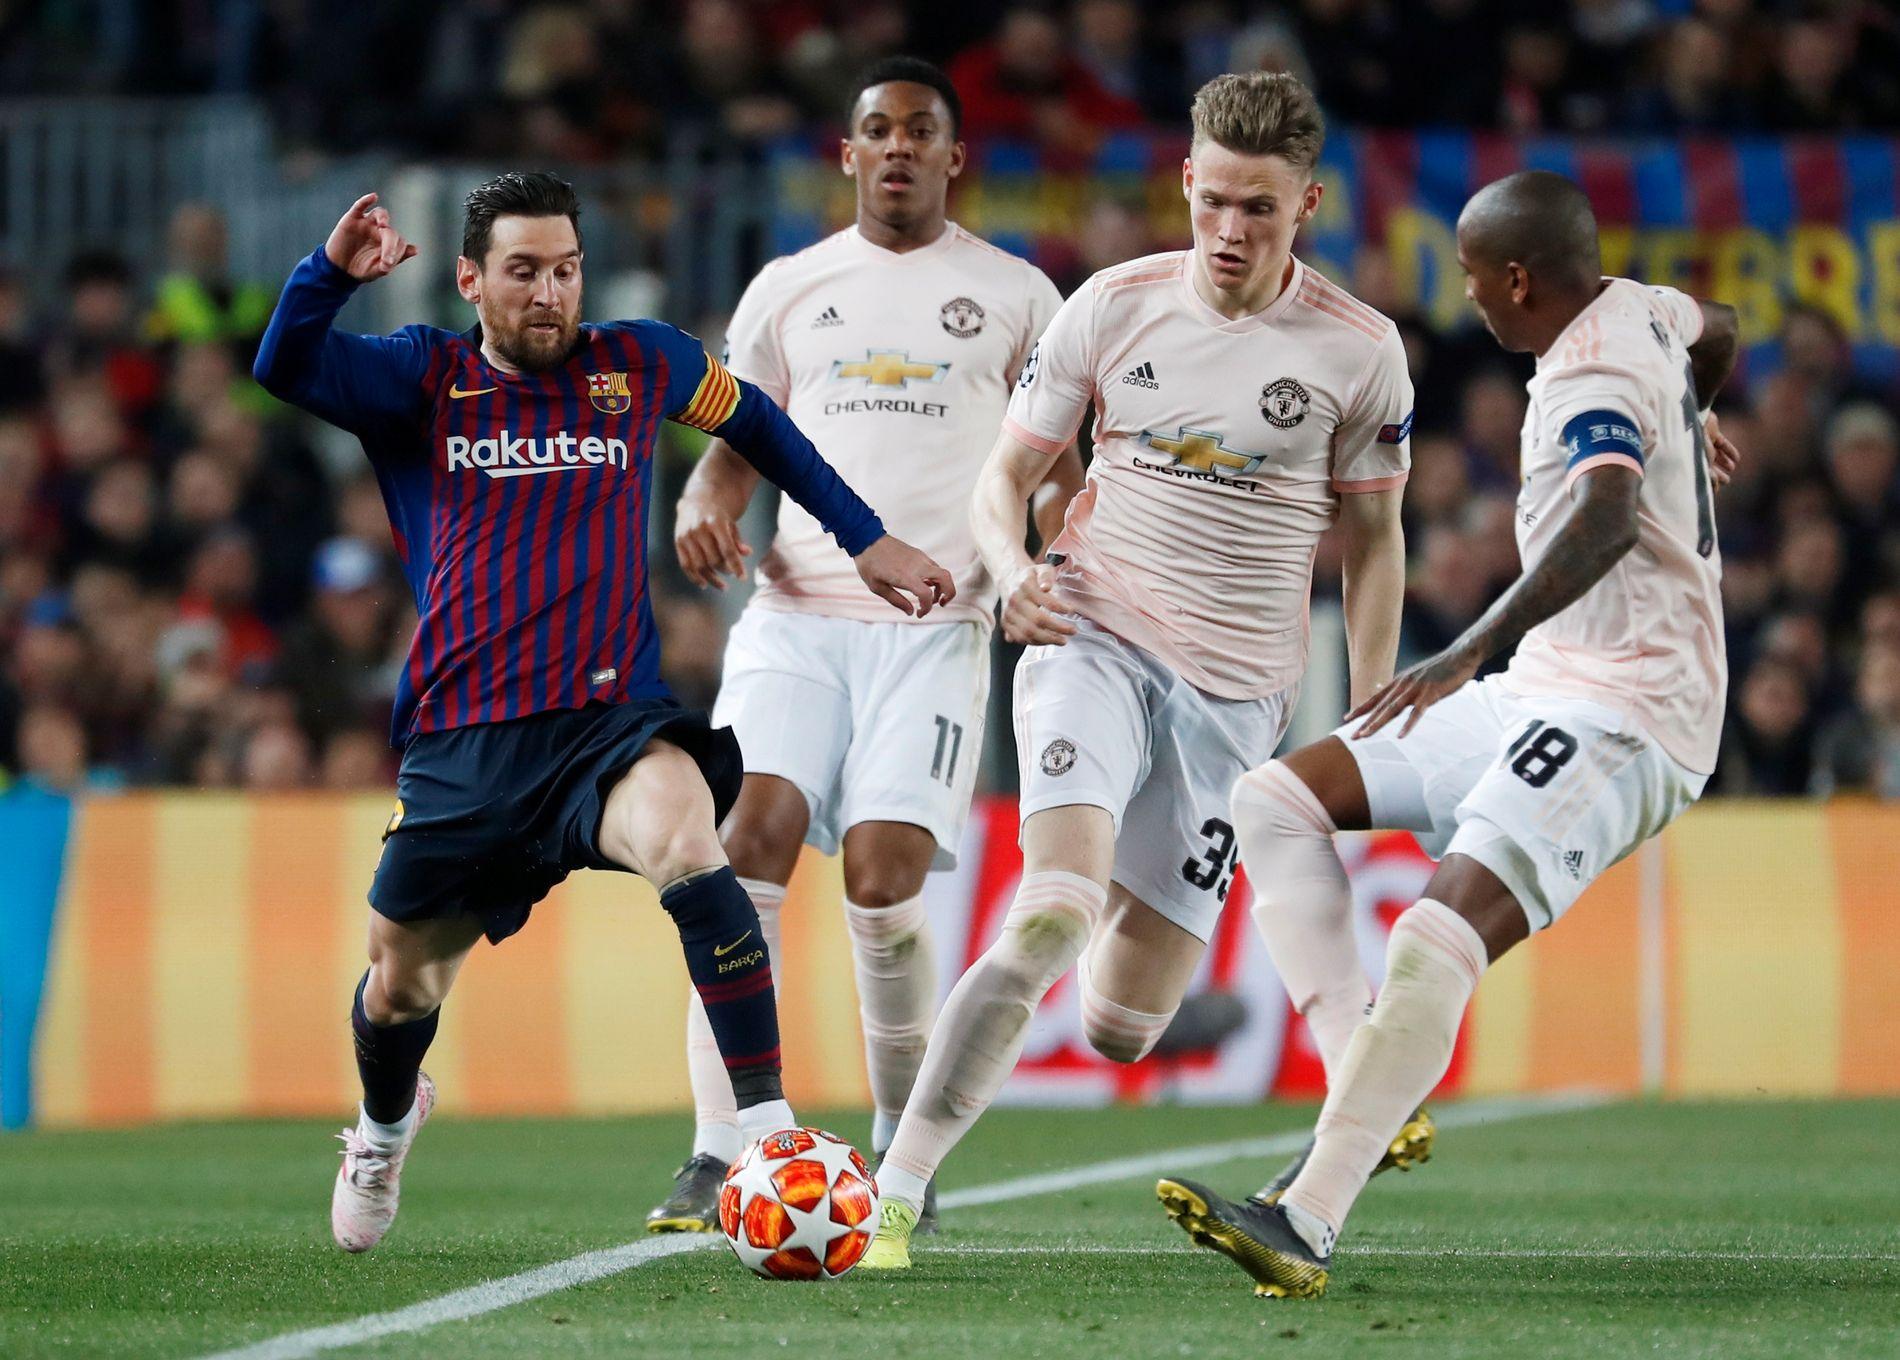 Lionel Messi ble for mye for Manchester United. Spesielt Ashley Young før dårlige børskarakterer etter kampen.